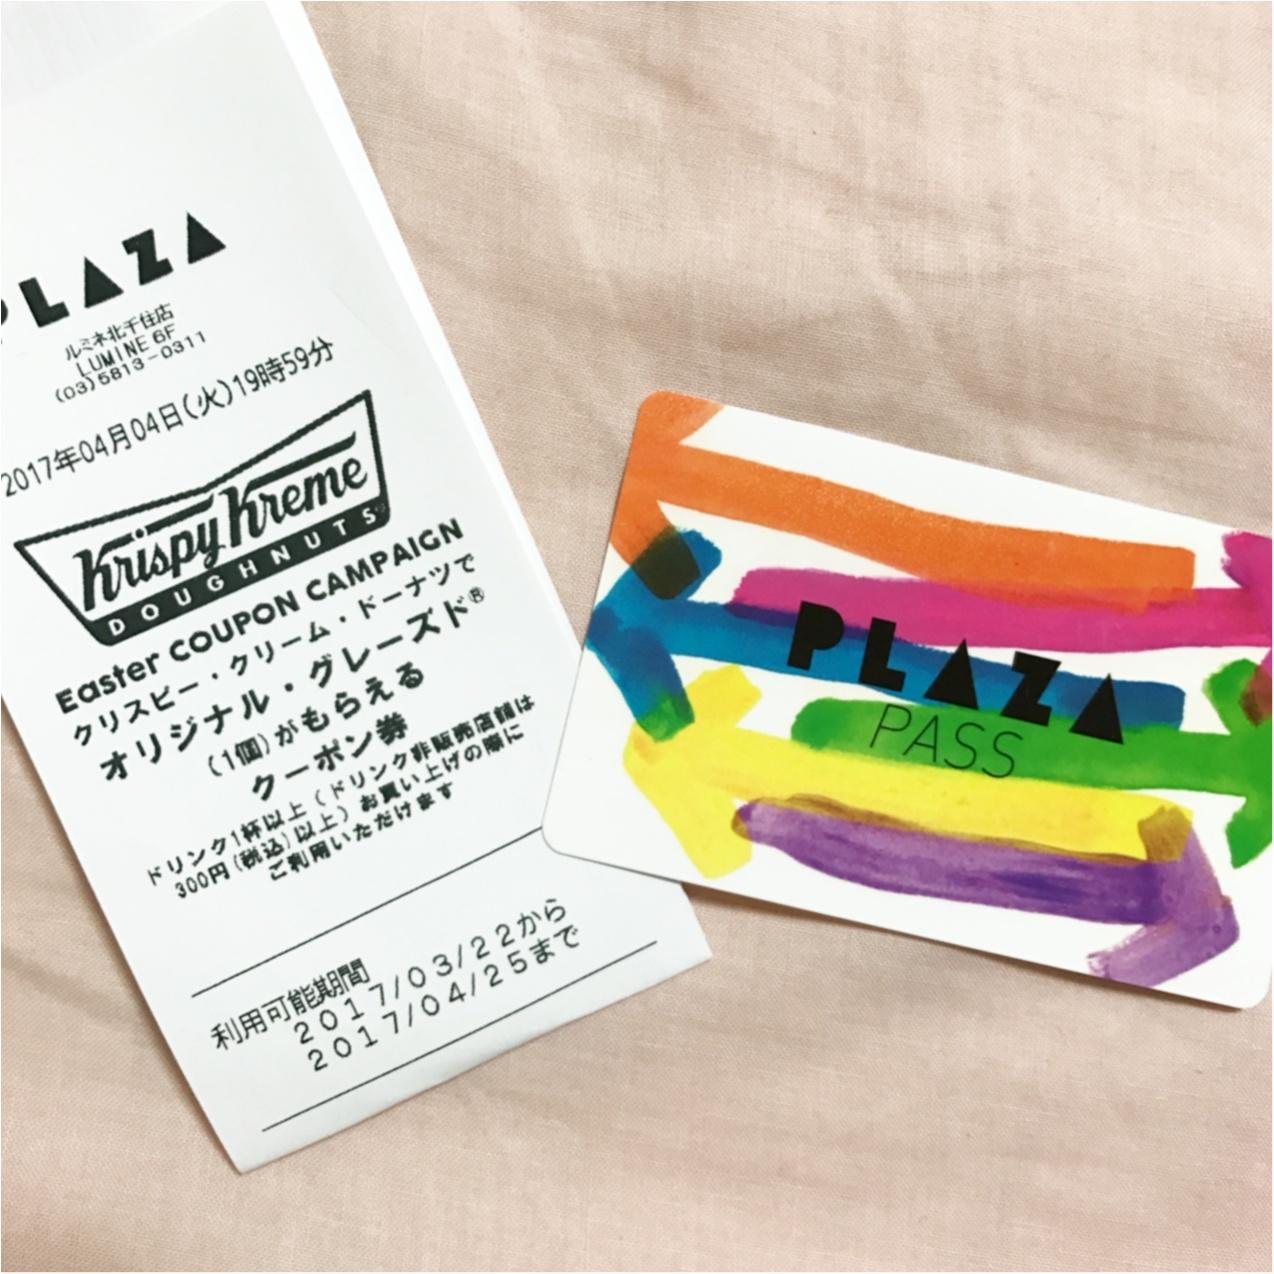 【4/16まで】ドーナツがもらえちゃう♡ PLAZA &クリスピークリームドーナツ のお得なキャンペーン!_1